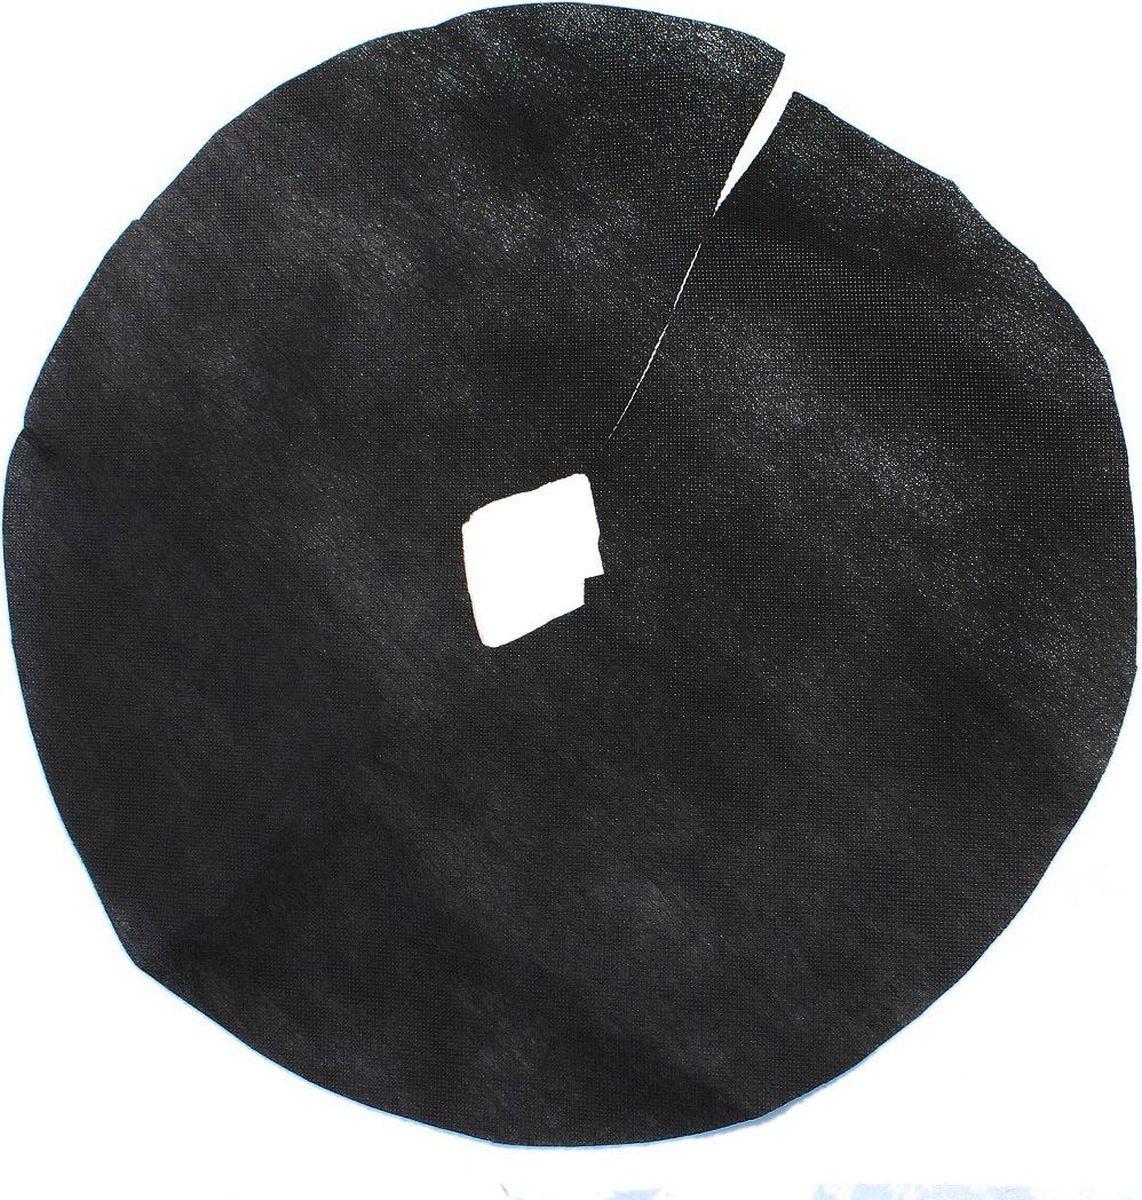 Круг приствольный Агротекс, цвет: черный, диаметр 0,8 м, 5 шт693587Используя приствольный круг Агротекс, есть несколько преимуществ:-вы можете навсегда забыть о прополке и придать своему саду аккуратный, ухоженный вид;-вы защитите свои посадки от холода и поможете им пережить резкие колебания температур;-вы улучшите аэрацию и дренаж почвы;-вы сохраните влагу и уменьшите испарение.Круг экологичен и прост в использовании: взрыхлите и разровняйте почву вокруг ствола, расстелите приствольный круг (сторона не имеет значения) и надёжно присыпьте края землёй или гравием. Теперь вы можете не беспокоиться о своих деревьях и кустарниках: на ближайшие три сезона это работа для Агротекс.